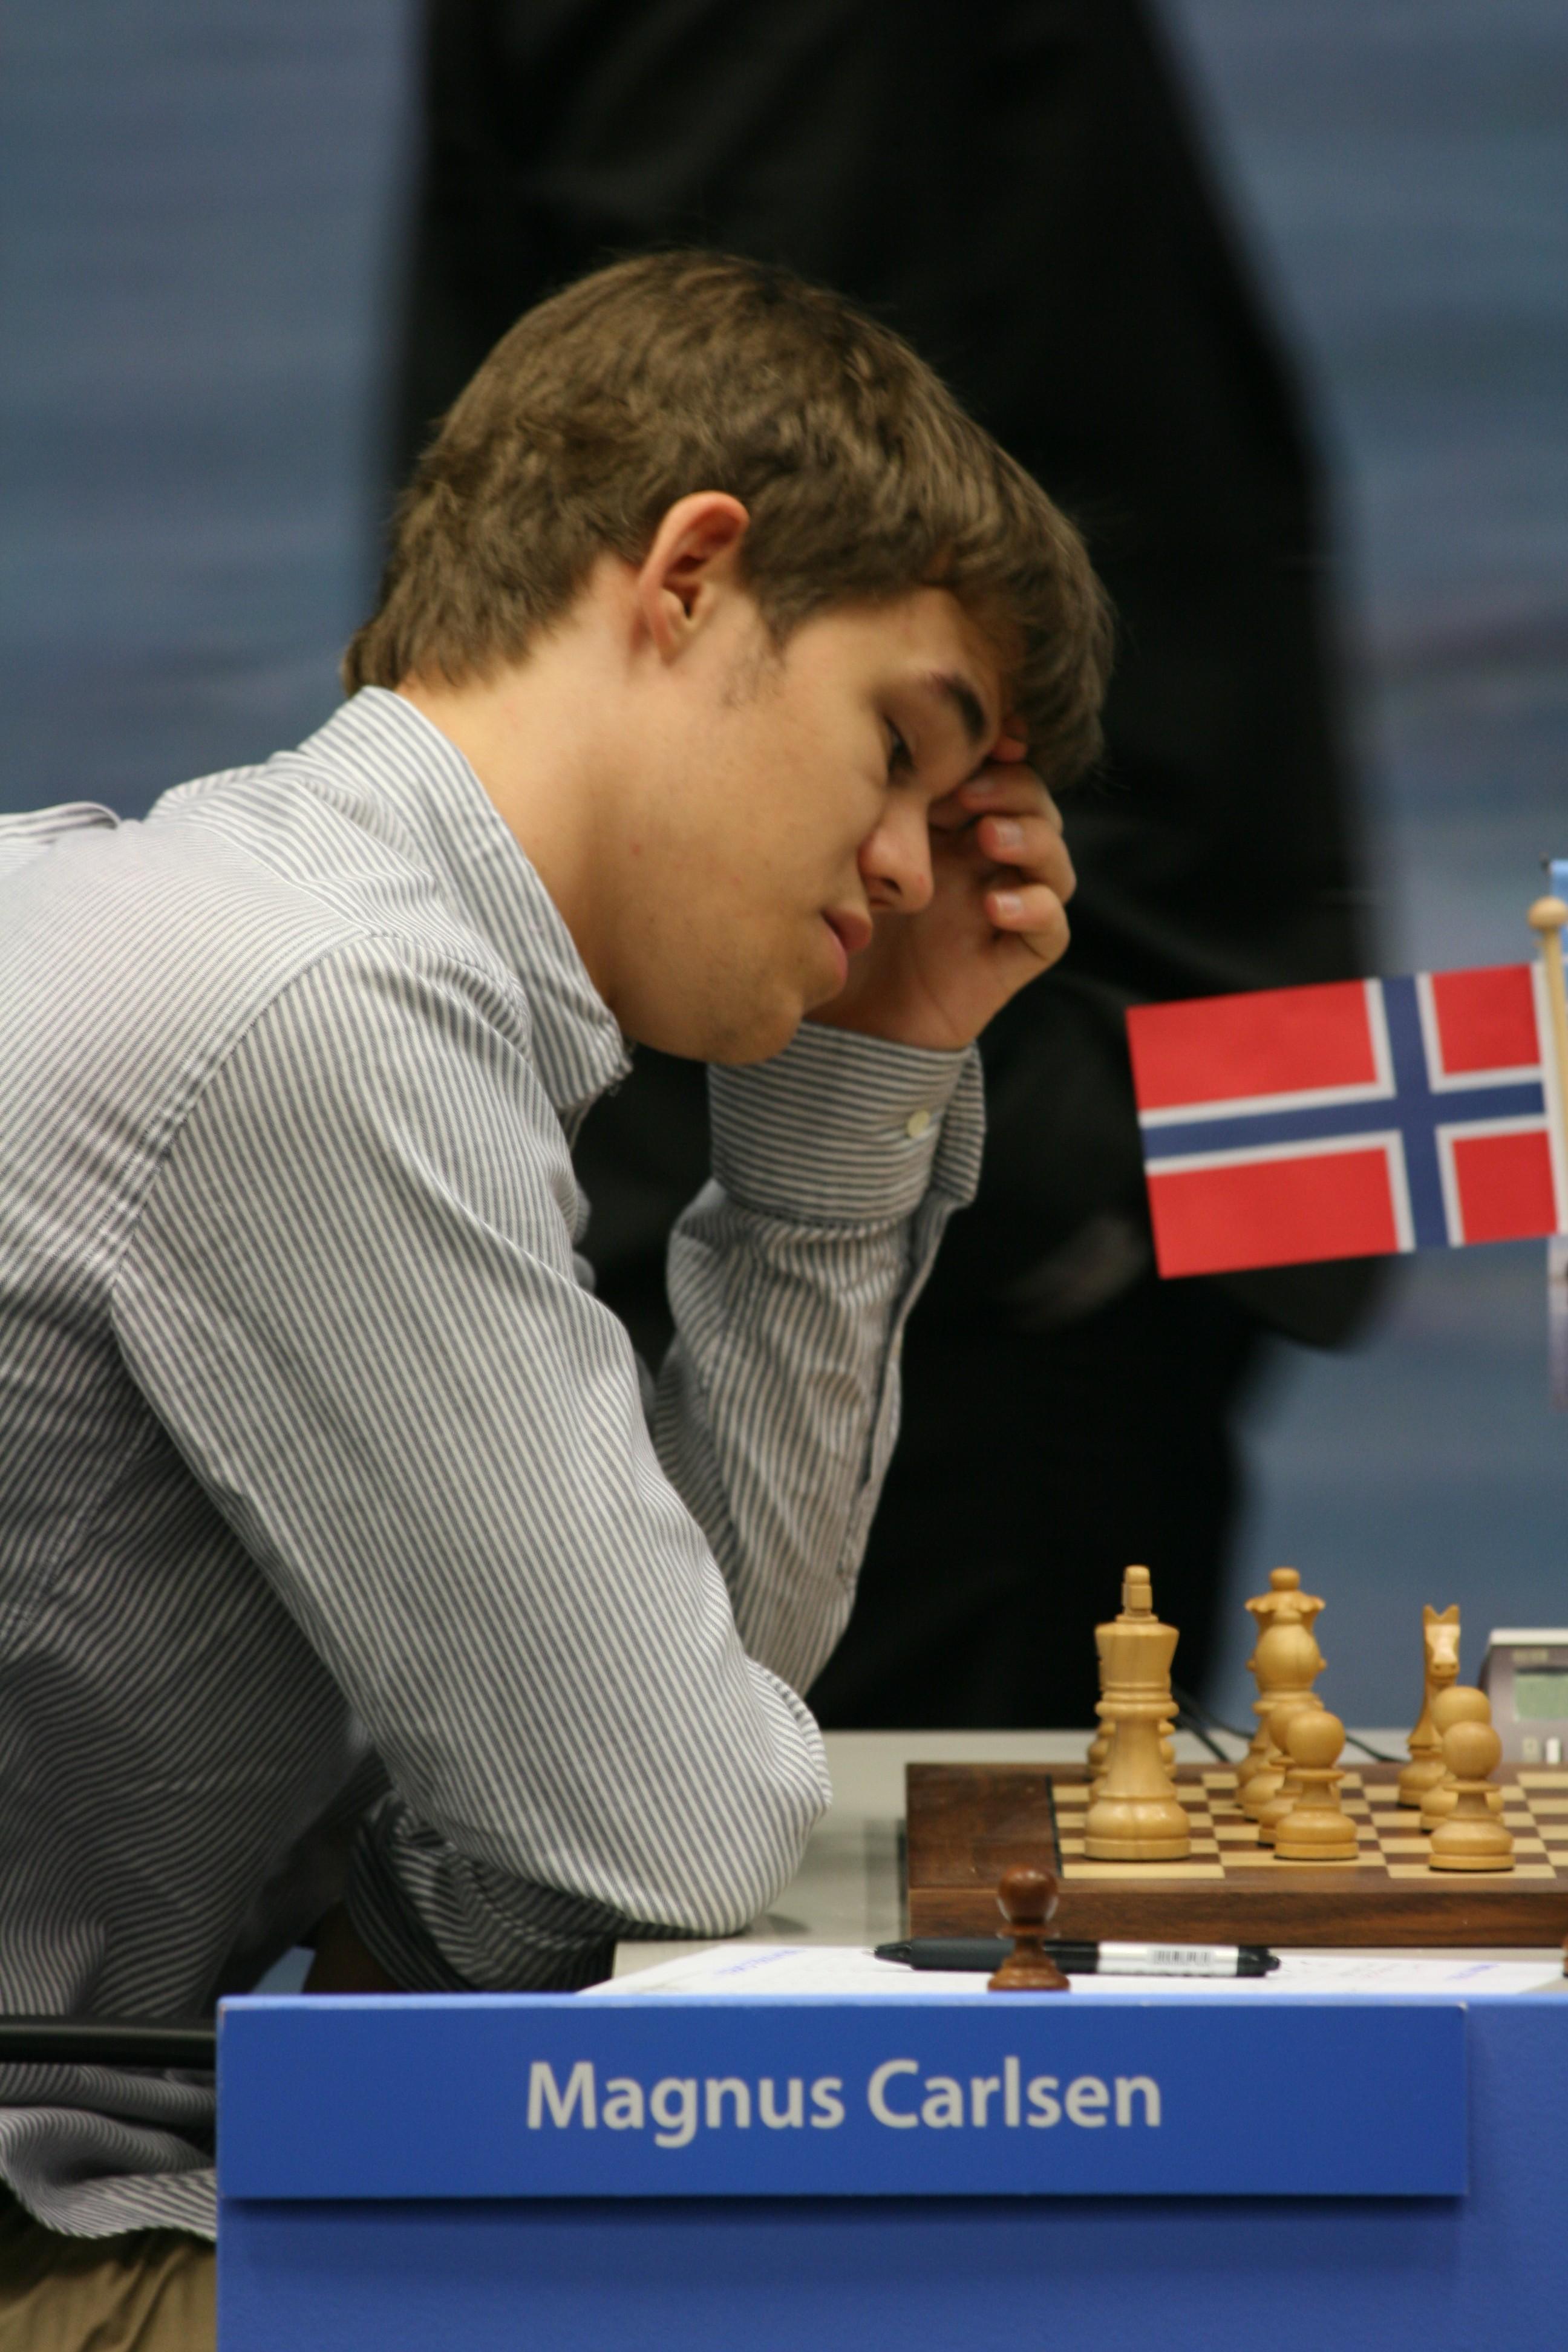 Carlens Magnus (tatasteel)